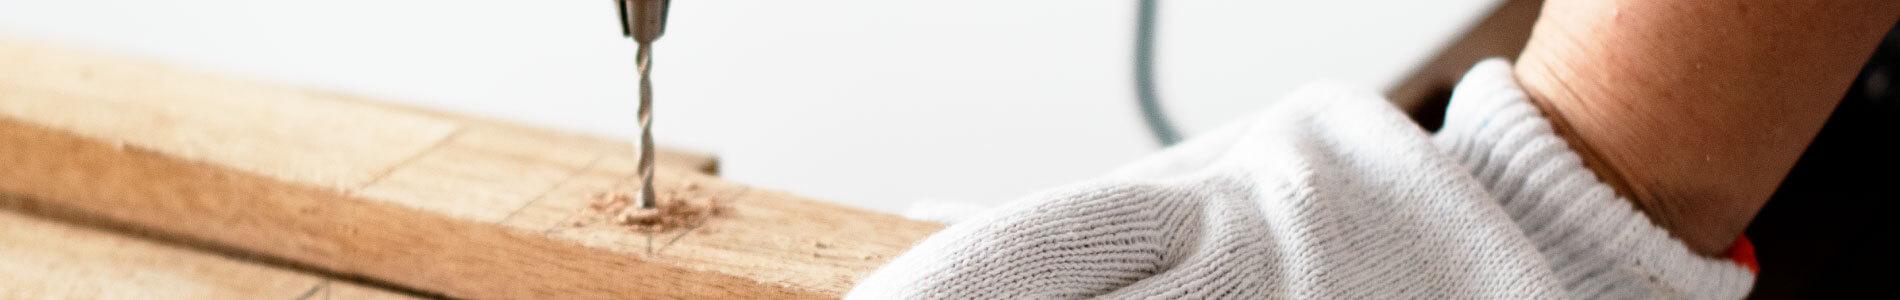 אפעל תיקונים - מאמר הבדלים בין סוגי מקדחים